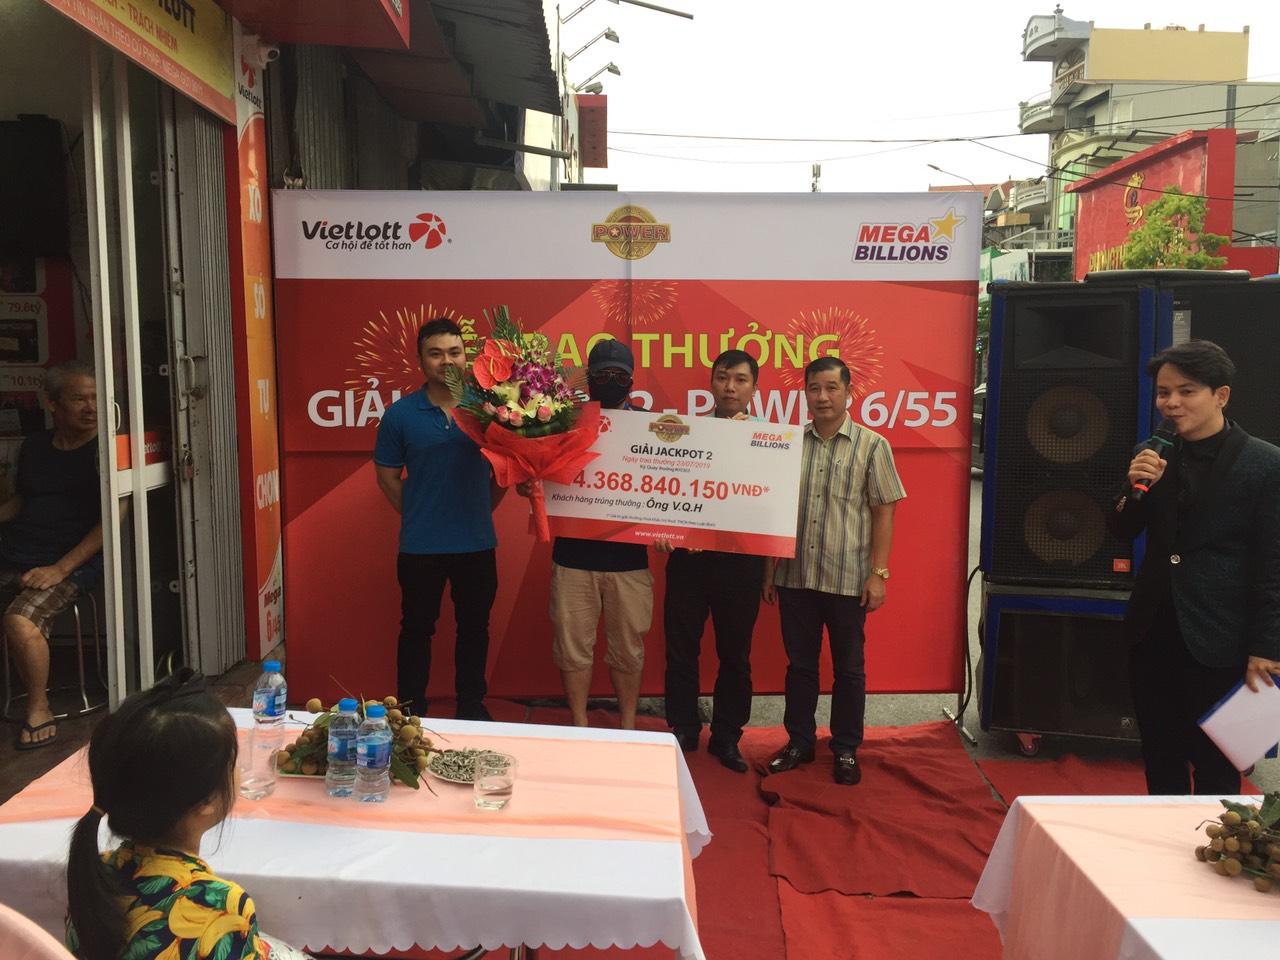 Vietlott trao giải Jackpot 2 Power 6/55 đến khách hàng tại Hải Phòng